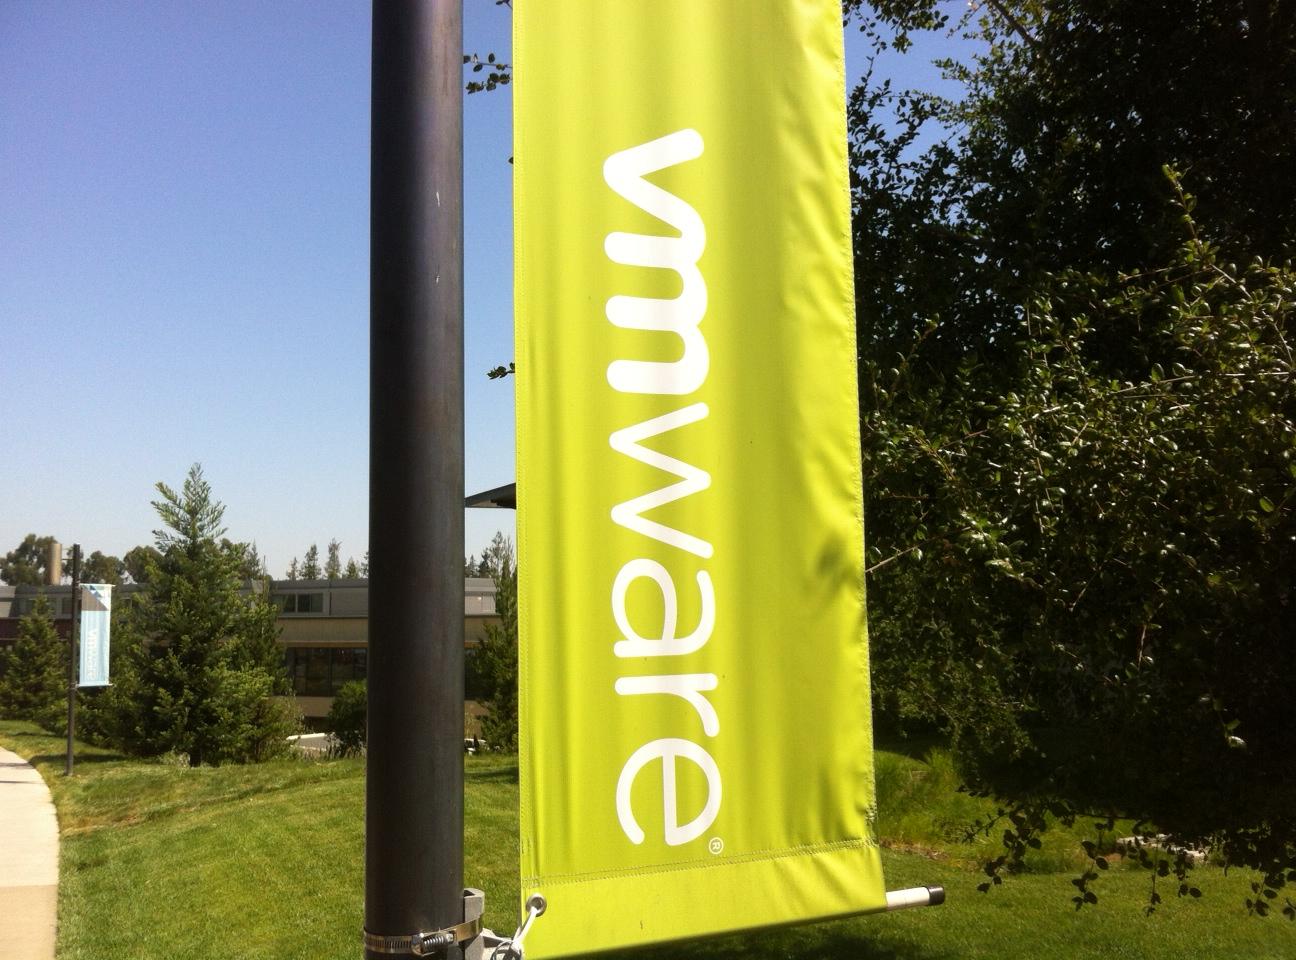 VMware campus, Palo Alto, Calif.